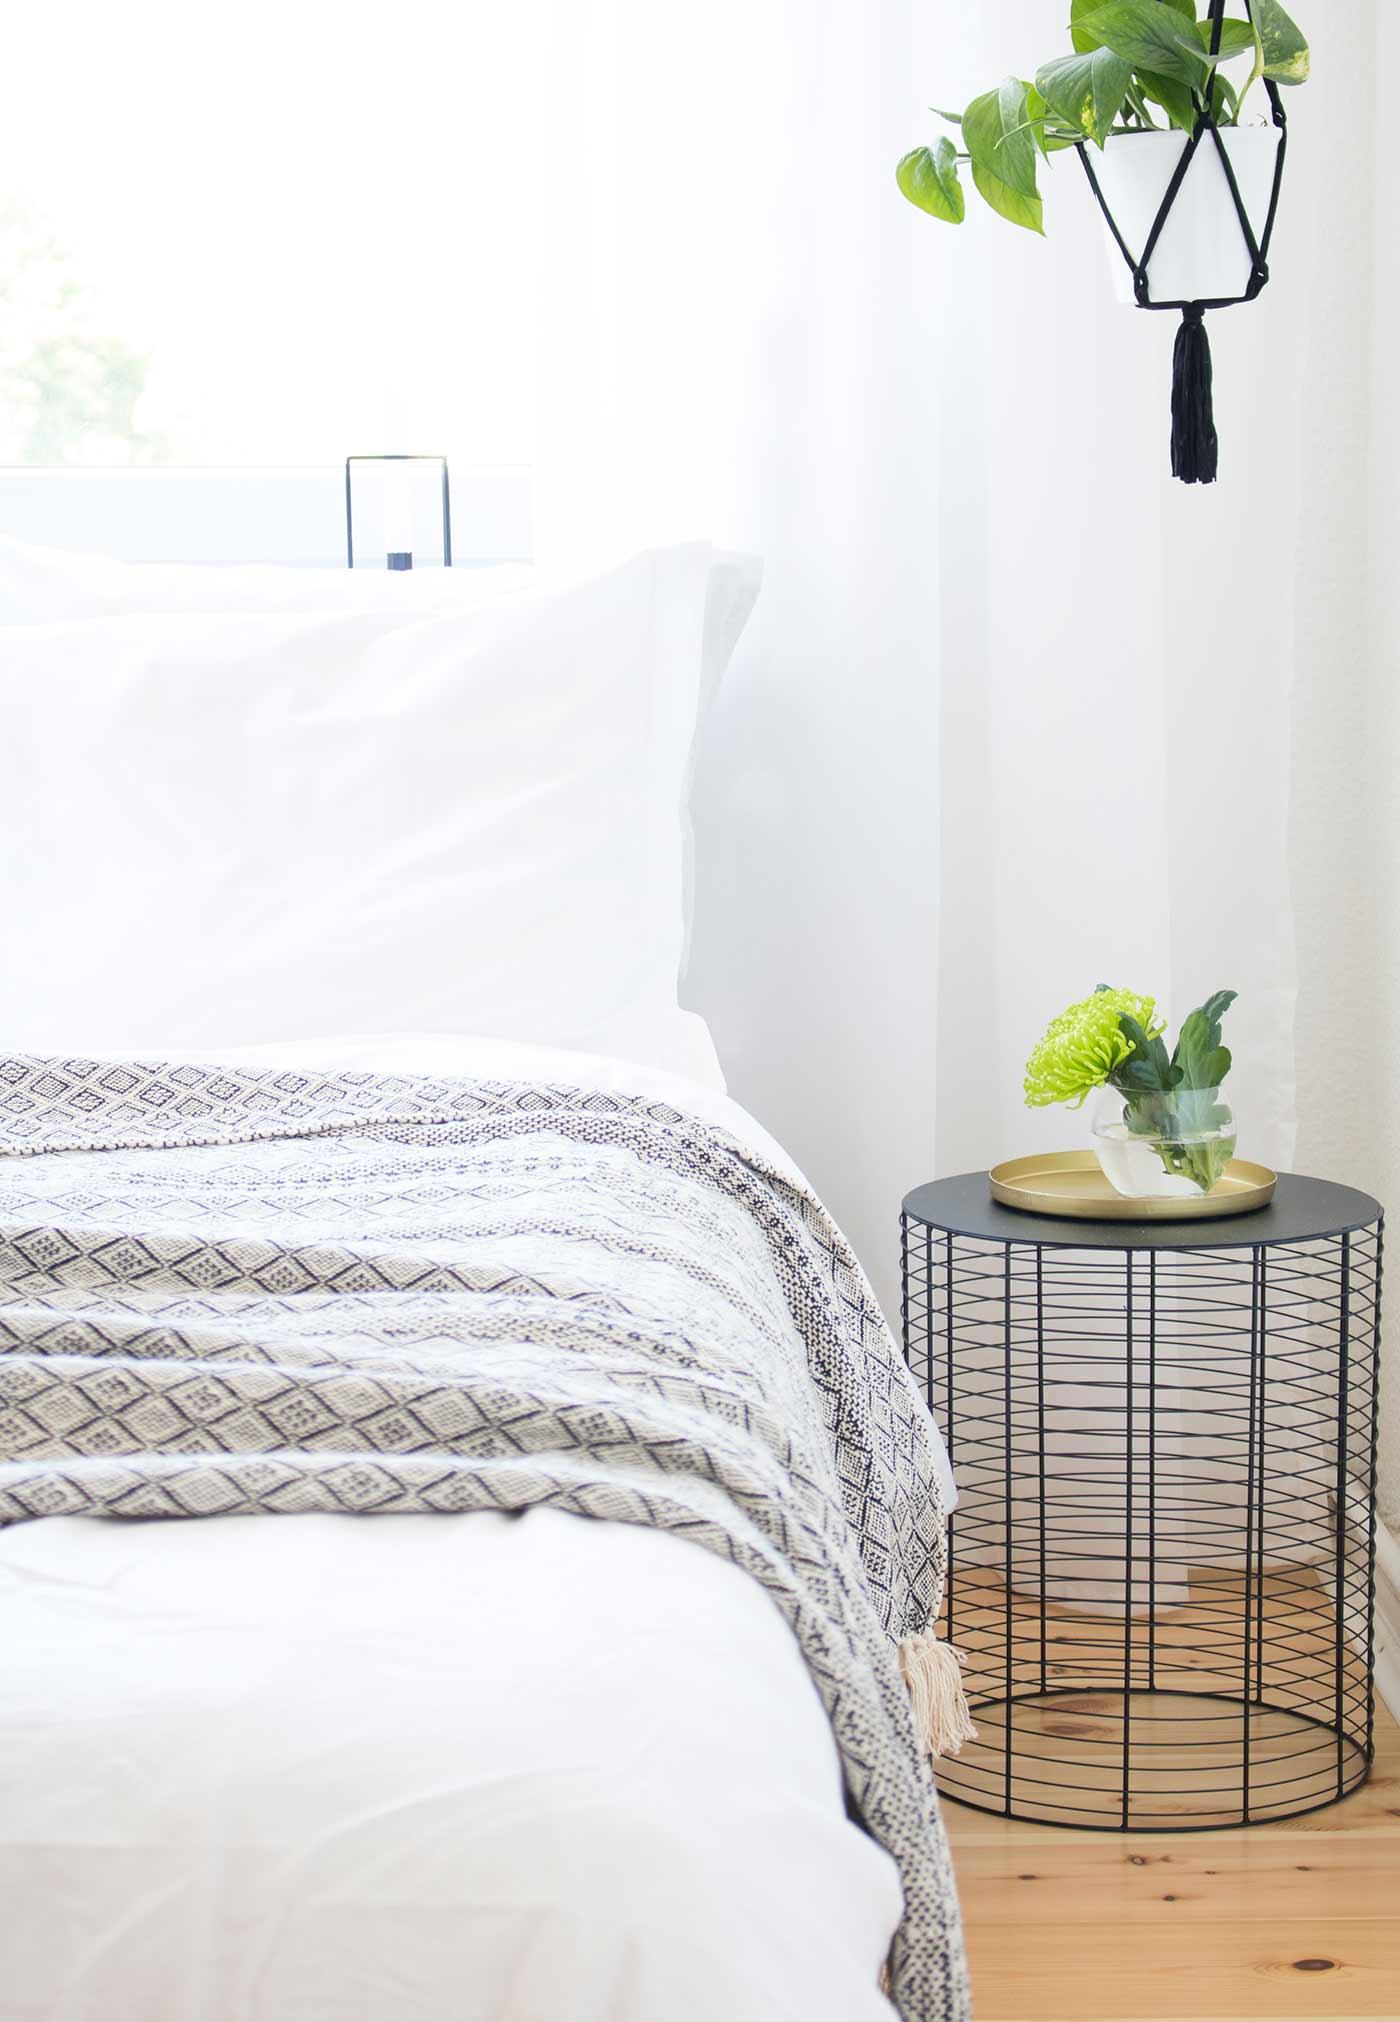 gast beitrag sommer sonne gr n gold sch n bei dir by depot. Black Bedroom Furniture Sets. Home Design Ideas